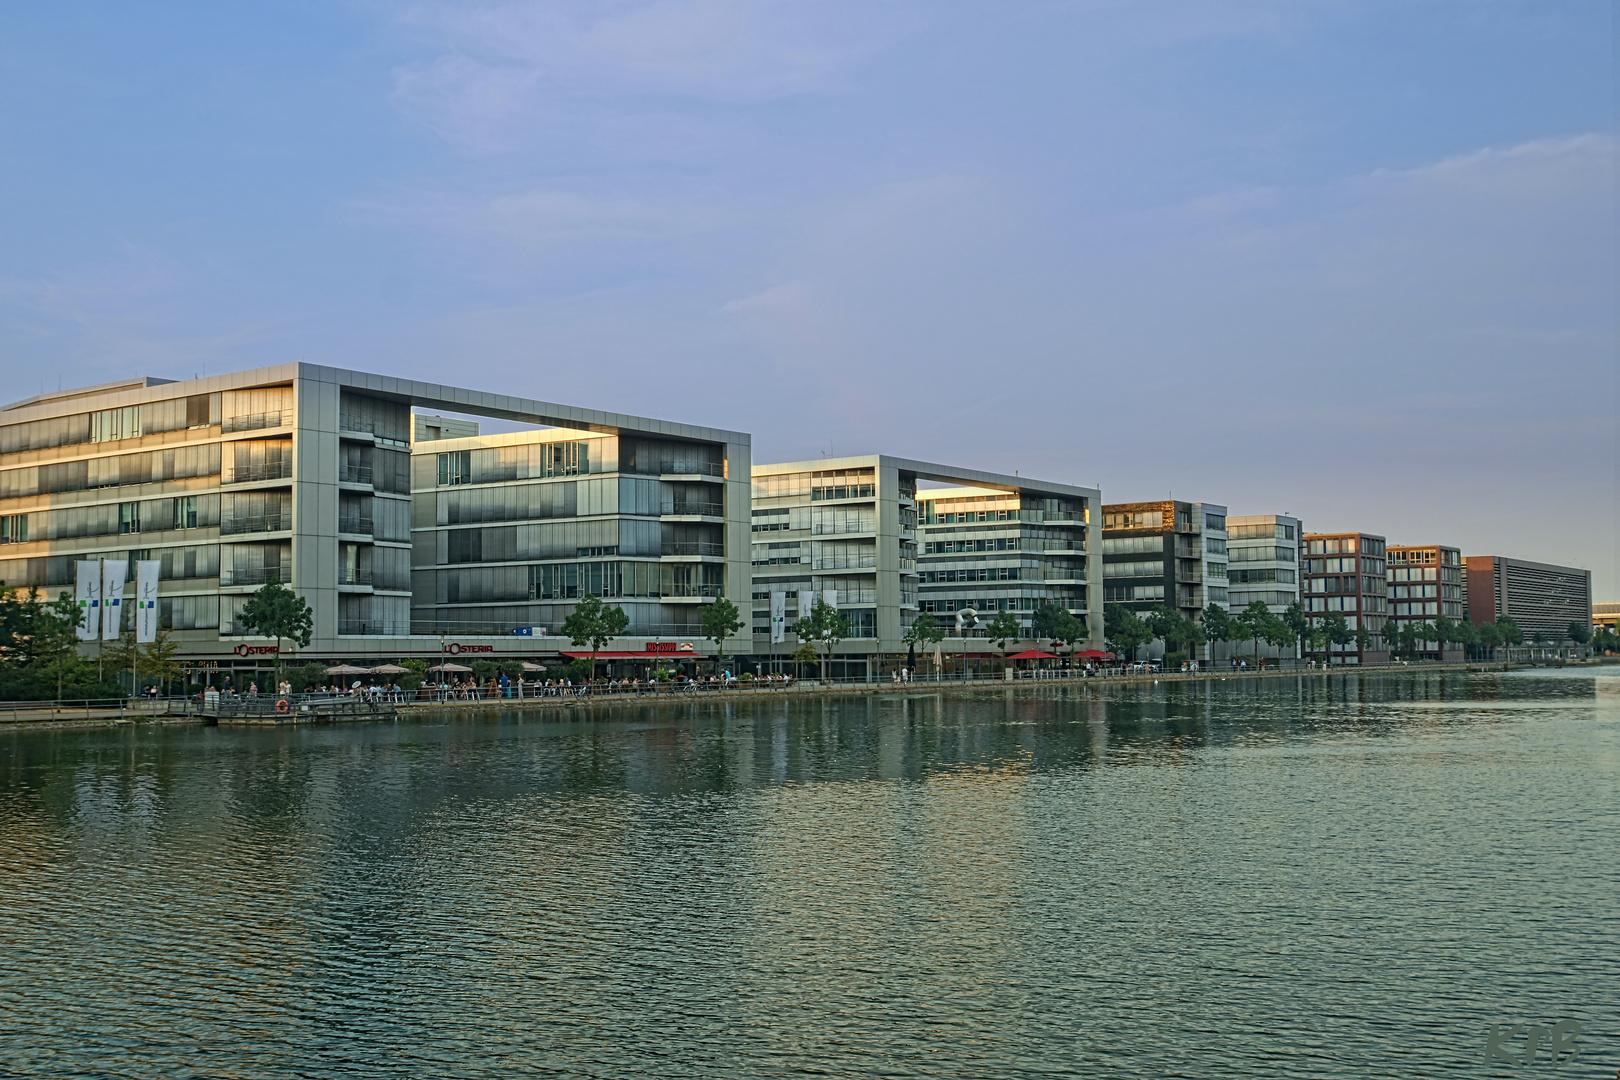 Duisburger Ansichten (2)